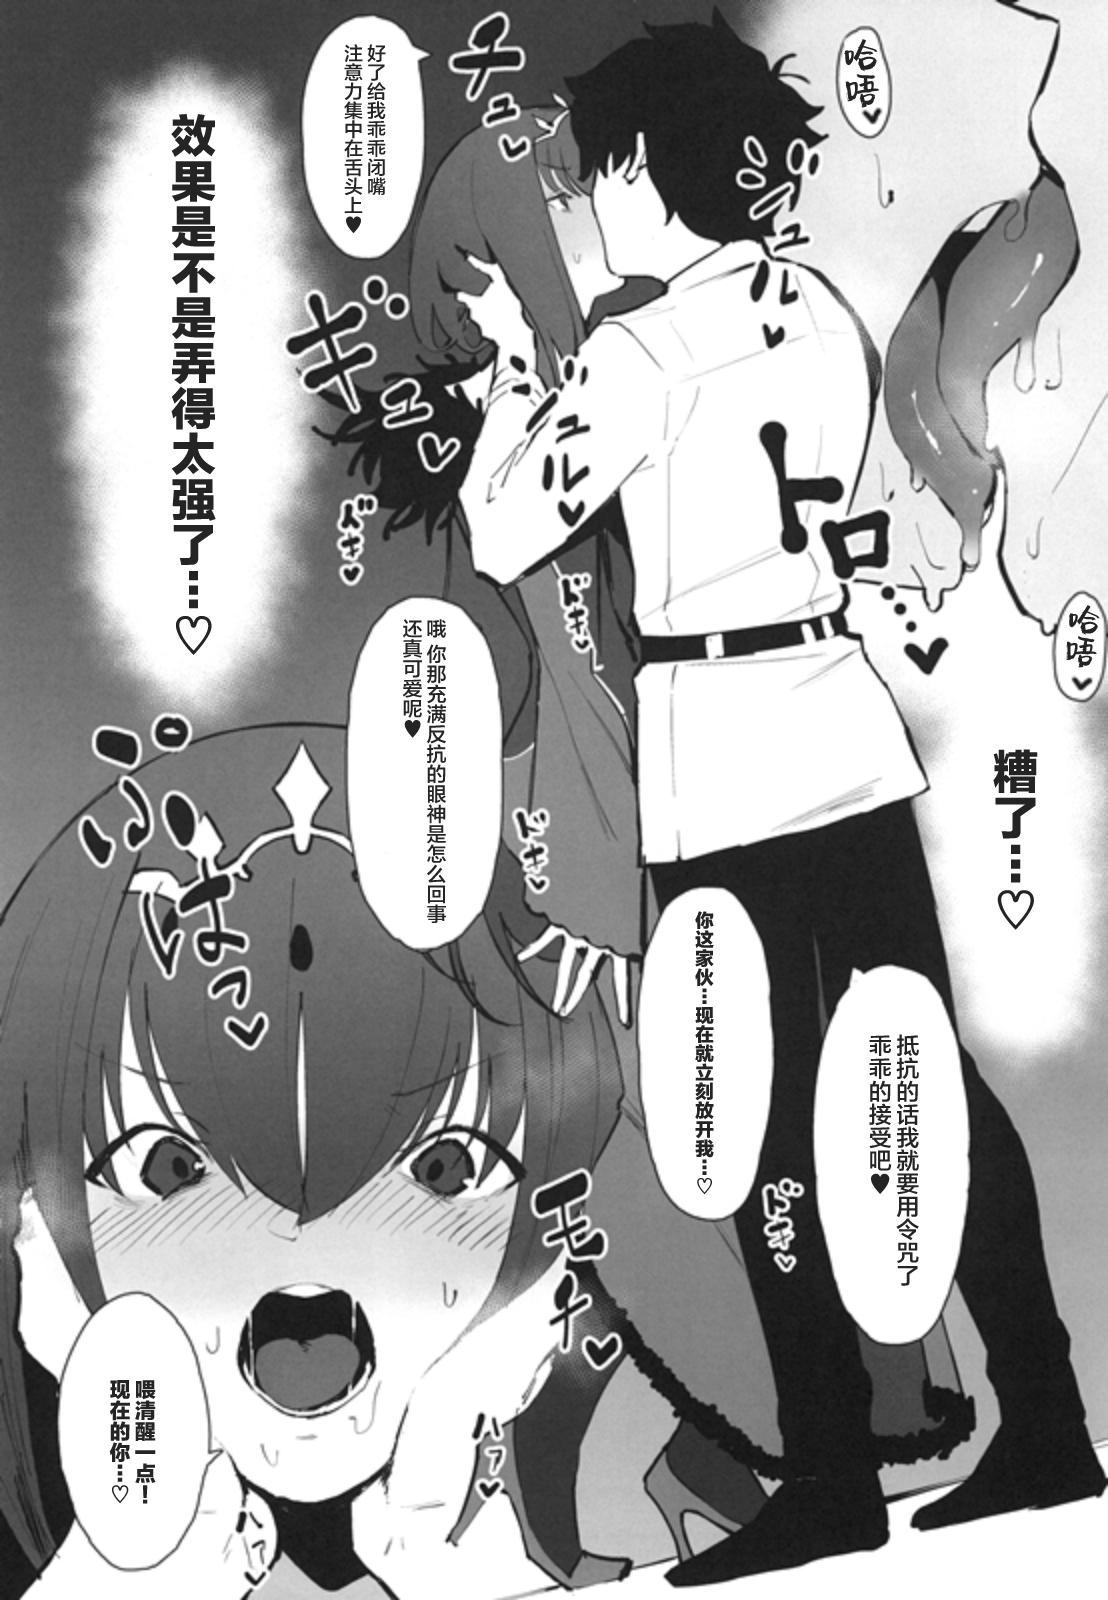 Hokuou no Megami to Charao no Rune 3